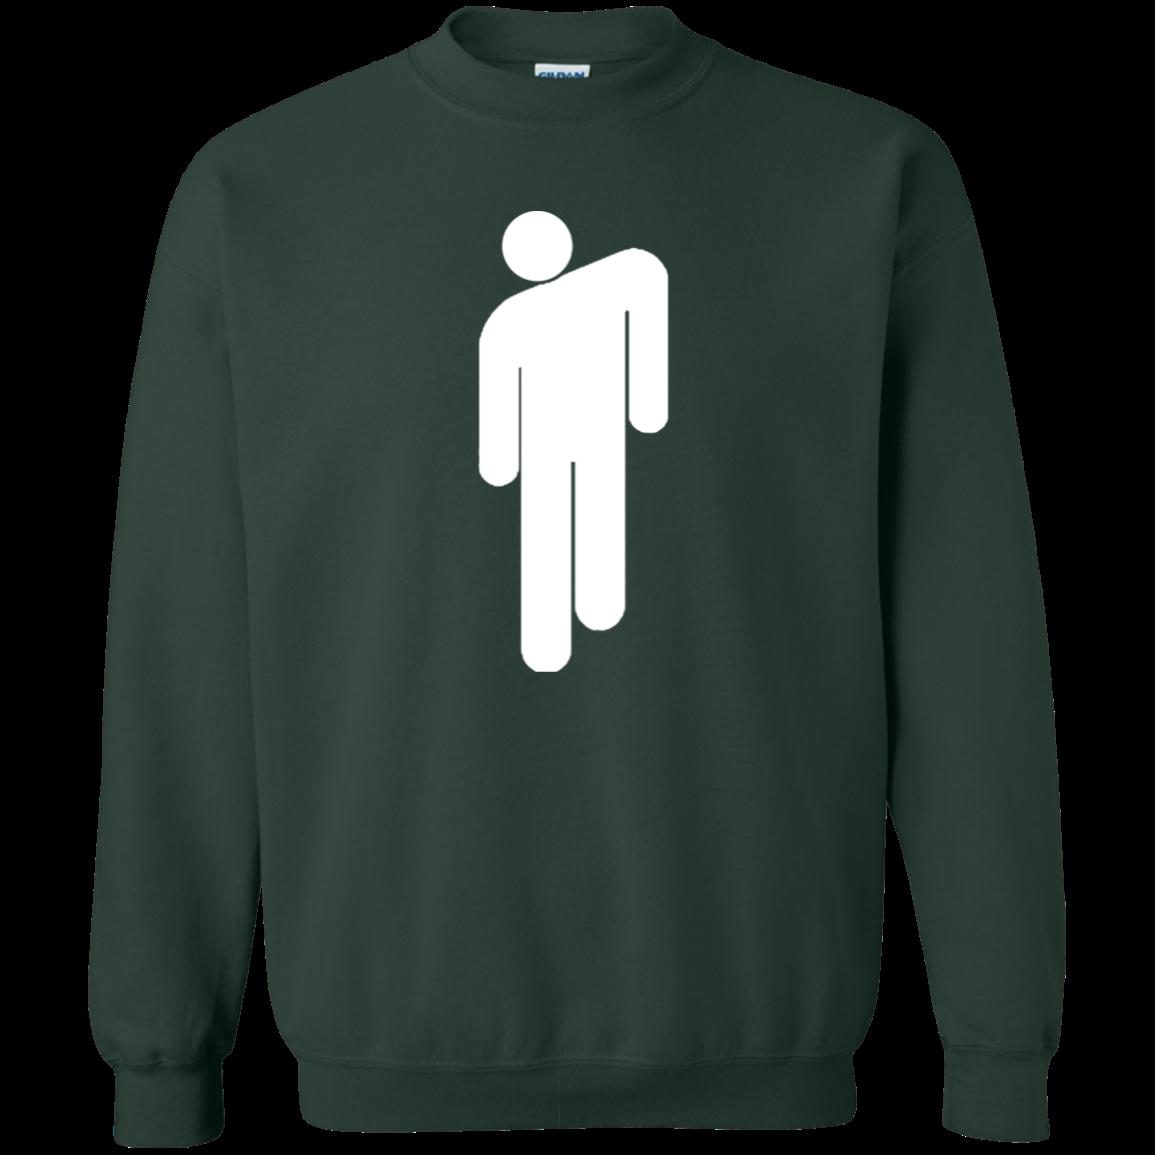 Billie Eilish Sweater Sweatshirts Boys Hoodies Billie Eilish Merch